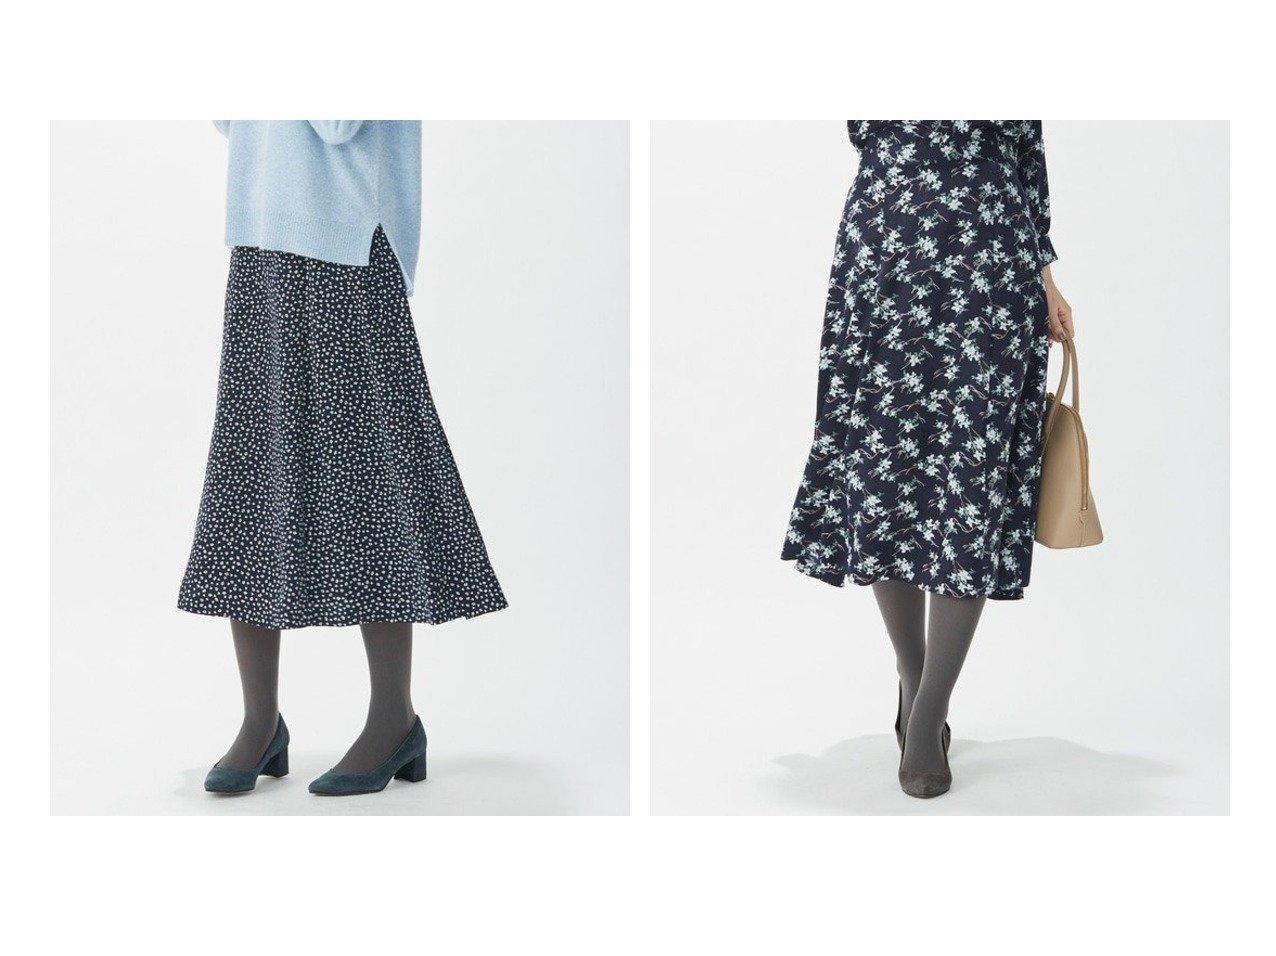 【J.PRESS/ジェイ プレス】の【洗える】ジオメトリック フラワープリント スカート スカートのおすすめ!人気、トレンド・レディースファッションの通販  おすすめで人気の流行・トレンド、ファッションの通販商品 メンズファッション・キッズファッション・インテリア・家具・レディースファッション・服の通販 founy(ファニー) https://founy.com/ ファッション Fashion レディースファッション WOMEN スカート Skirt NEW・新作・新着・新入荷 New Arrivals 送料無料 Free Shipping ウォーム サテン セットアップ トレンド ピーチ フラワー フレアースカート プリント ワンポイント 切替 春 Spring 洗える |ID:crp329100000015605